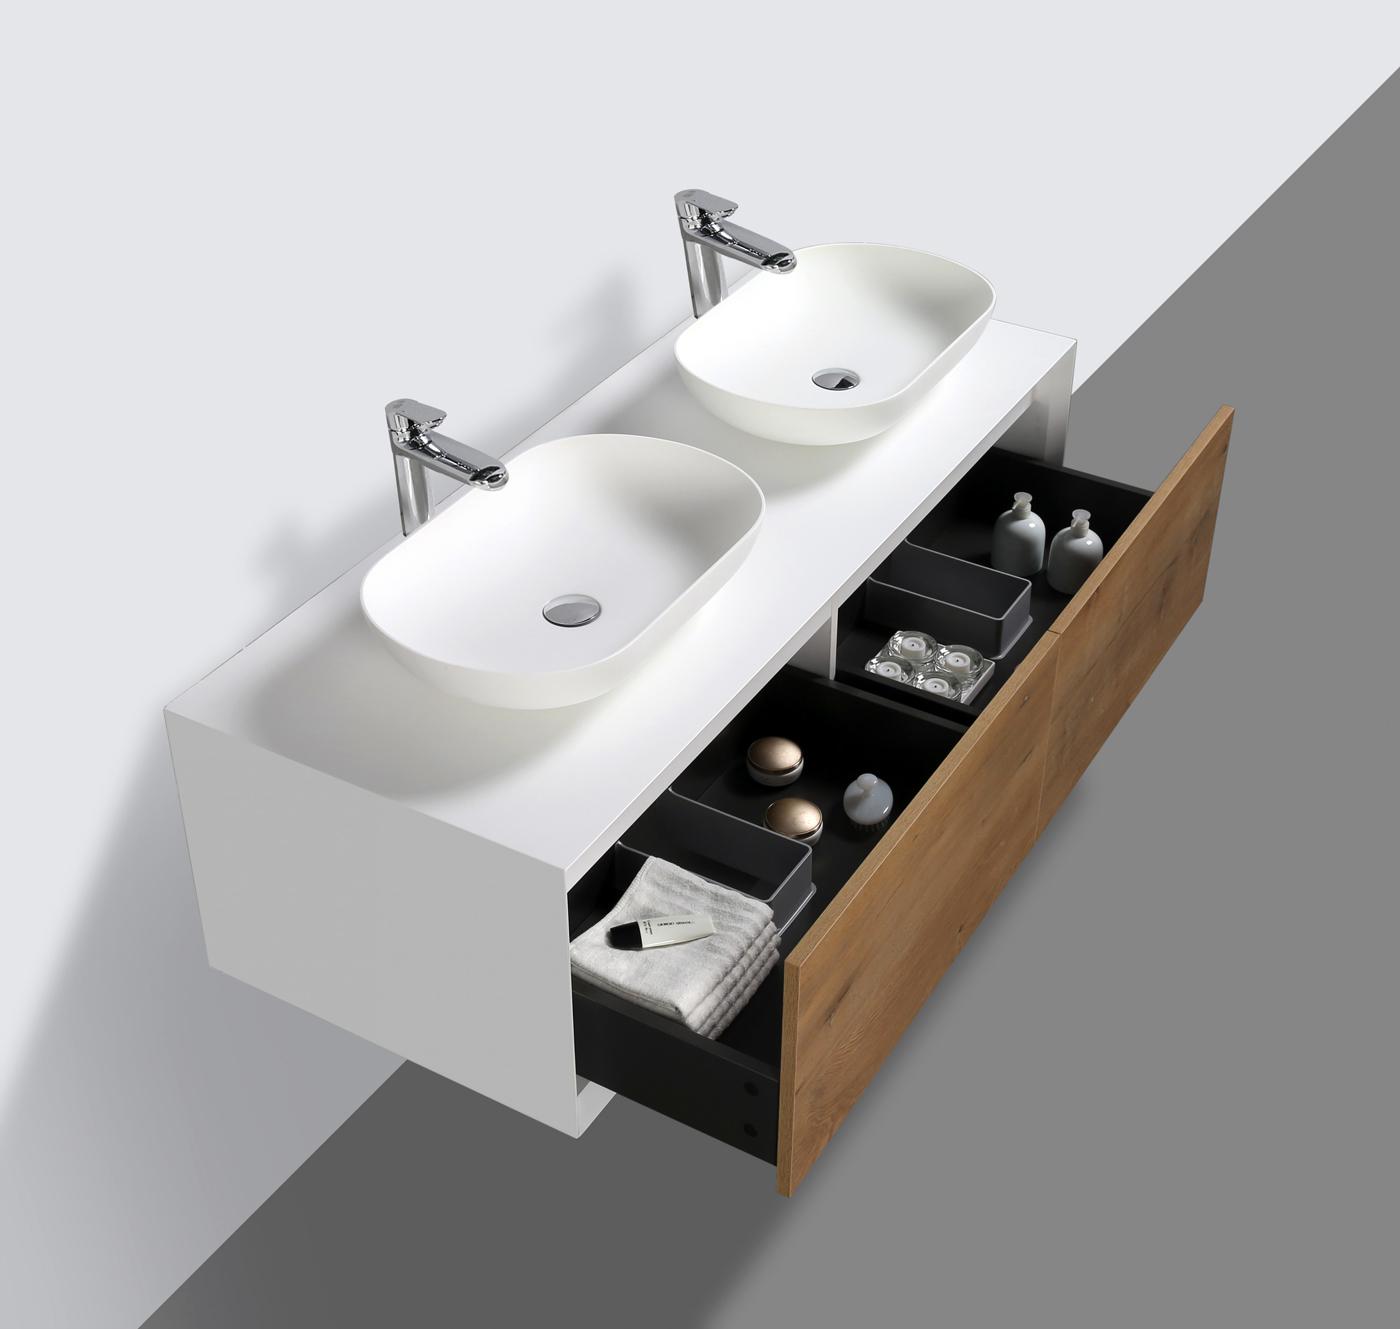 badm bel 140 cm eiche led spiegel aufsatzwaschbecken unterschrank waschtisch ebay. Black Bedroom Furniture Sets. Home Design Ideas